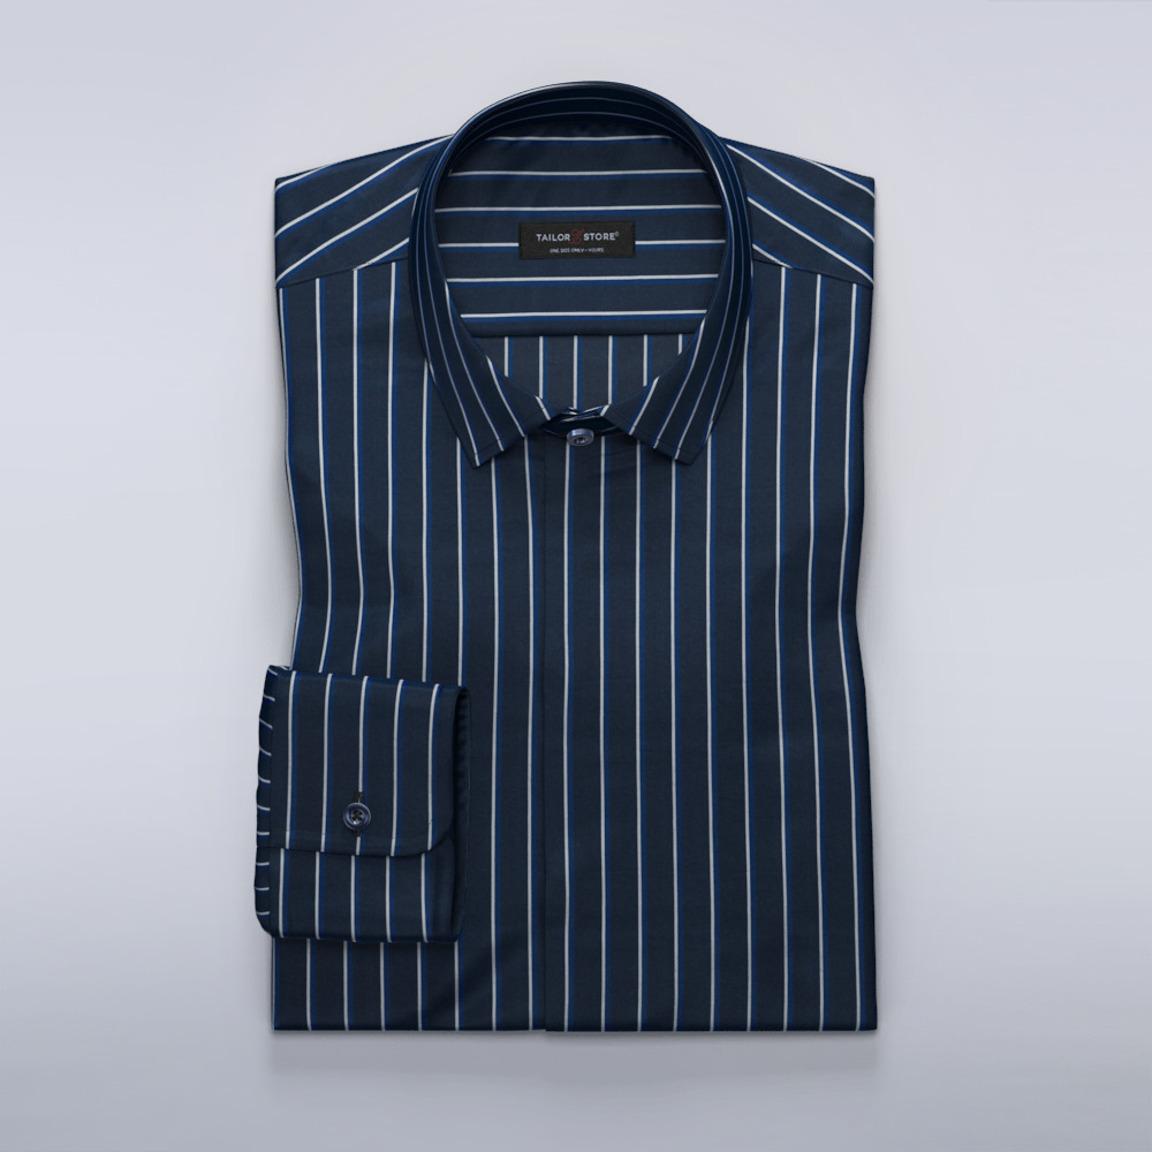 Chemise pour femmes en bleu marine avec des rayures blanches/bleues